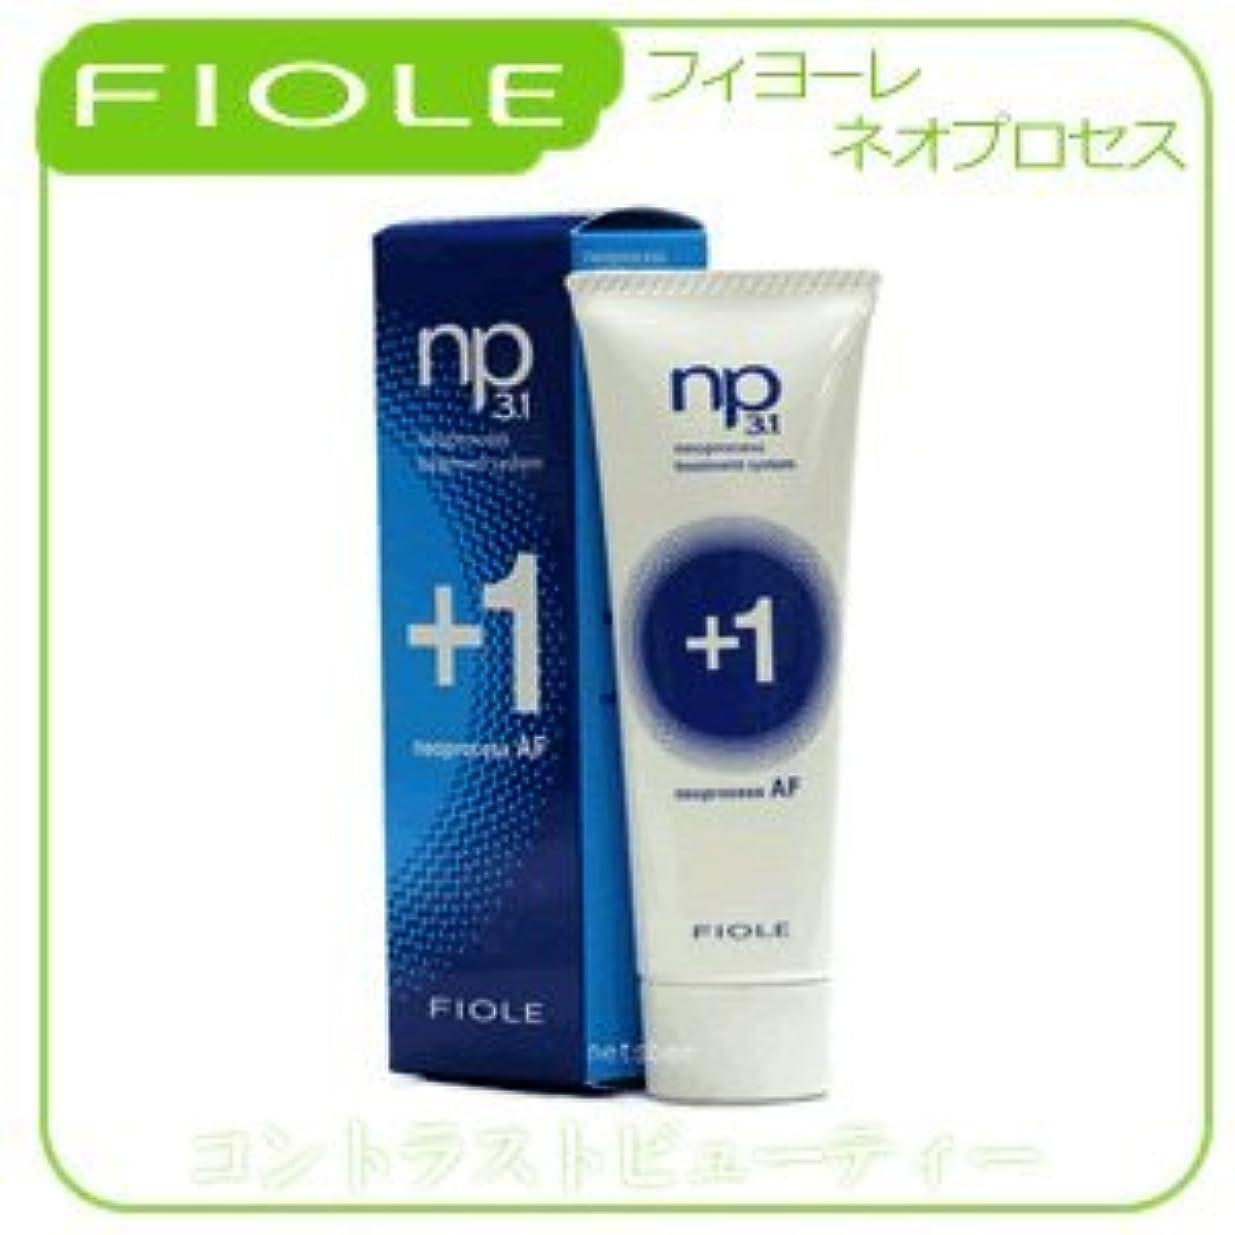 初期飼料バンケット【X4個セット】 フィヨーレ NP3.1 ネオプロセス AFプラス1 240g FIOLE ネオプロセス